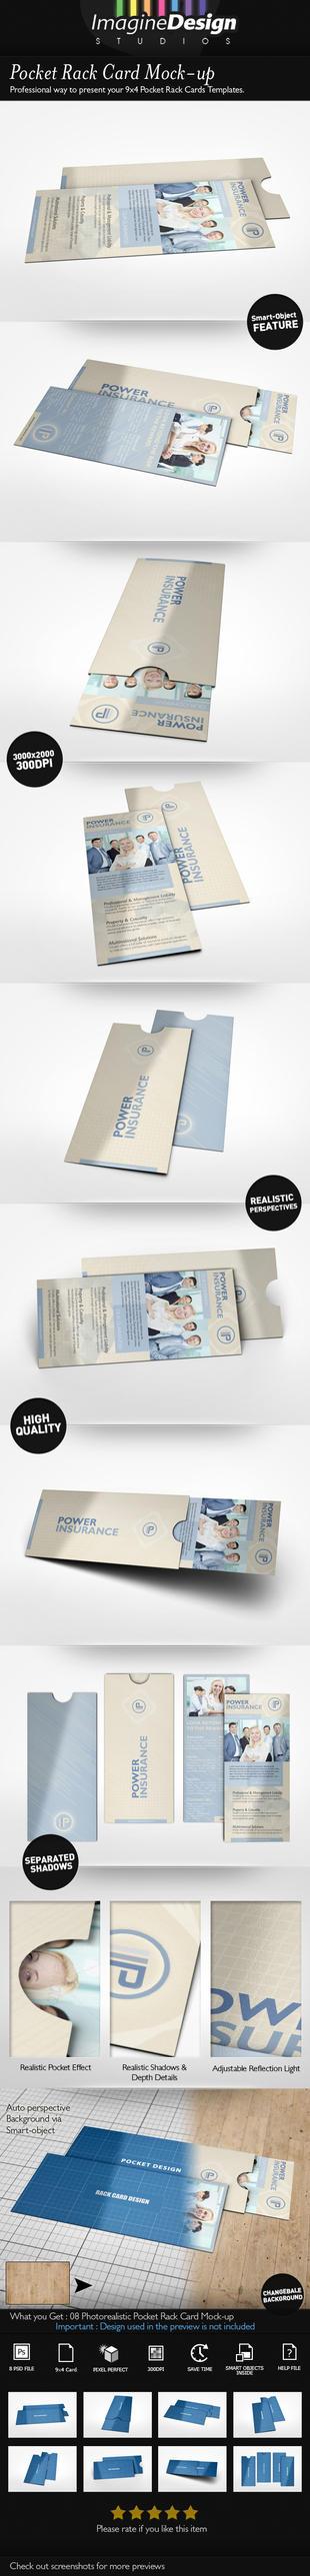 Pocket Rack Card Mock-up by idesignstudio